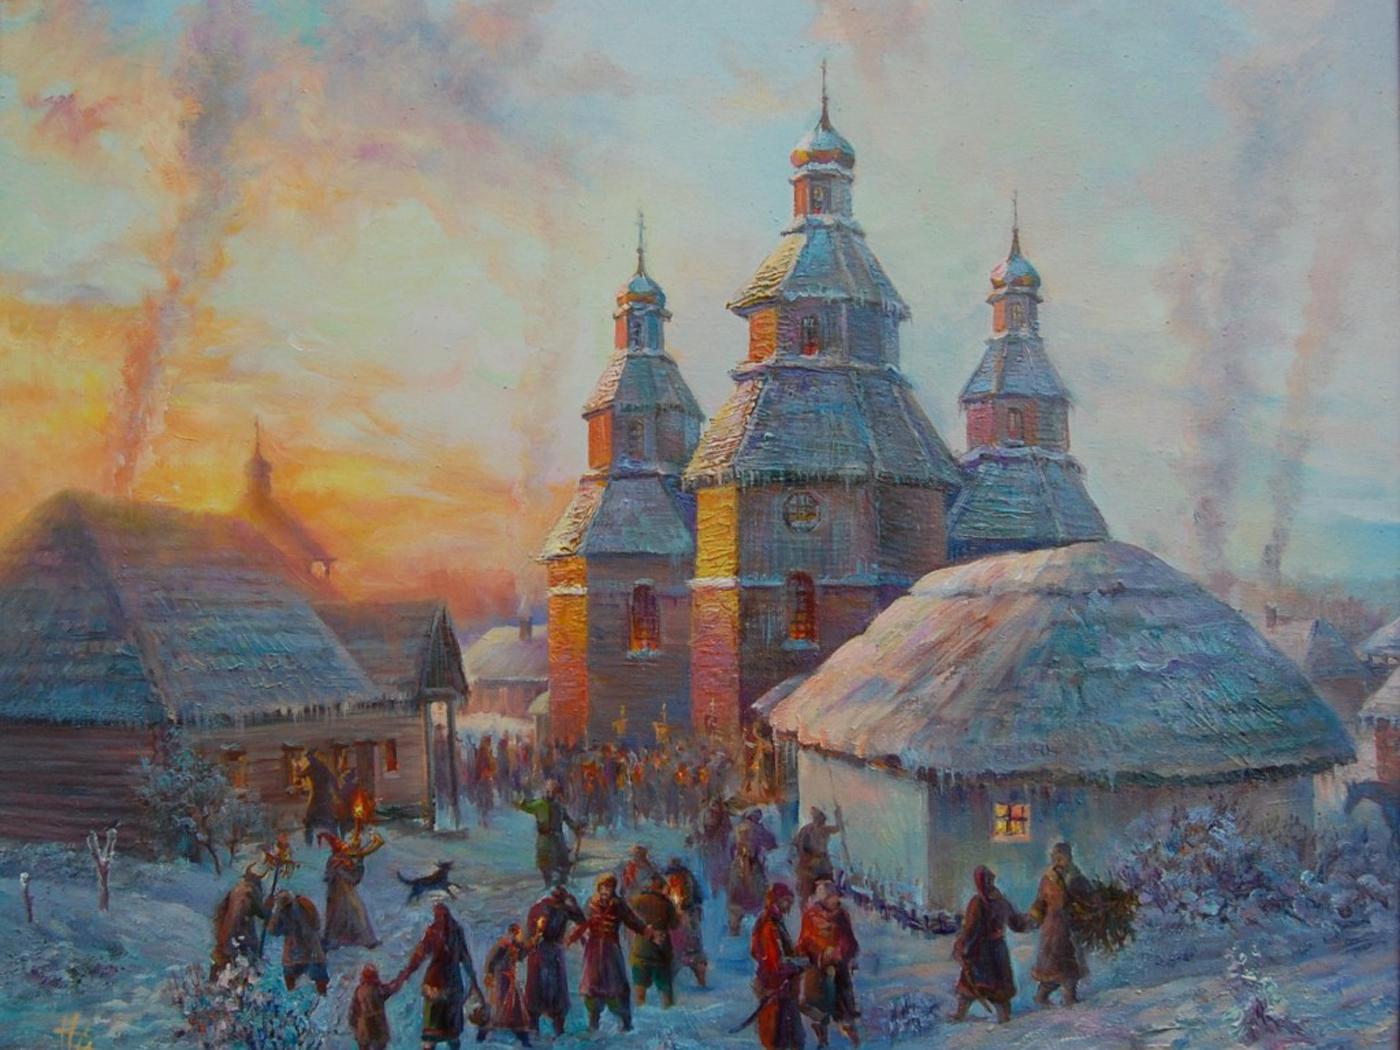 Як святкували Різдво на Волині: звичаї, повір'я, обряди, колядки і щедрівки